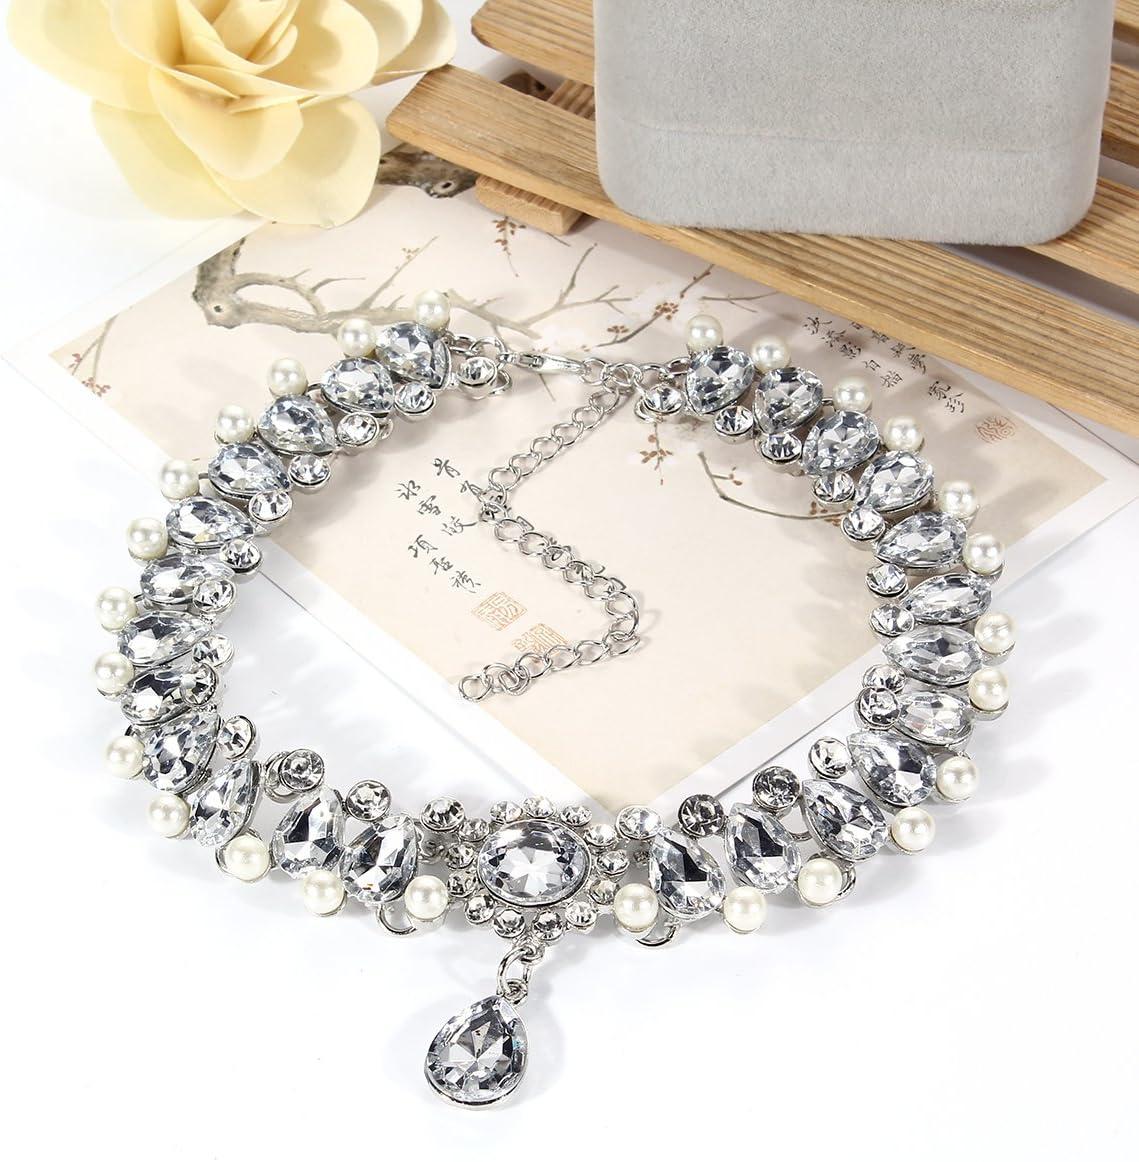 Mingjun Diamond cuello Rhinestone gargantilla collar colgante el/ástico ajustable collar para mujer chica Lady